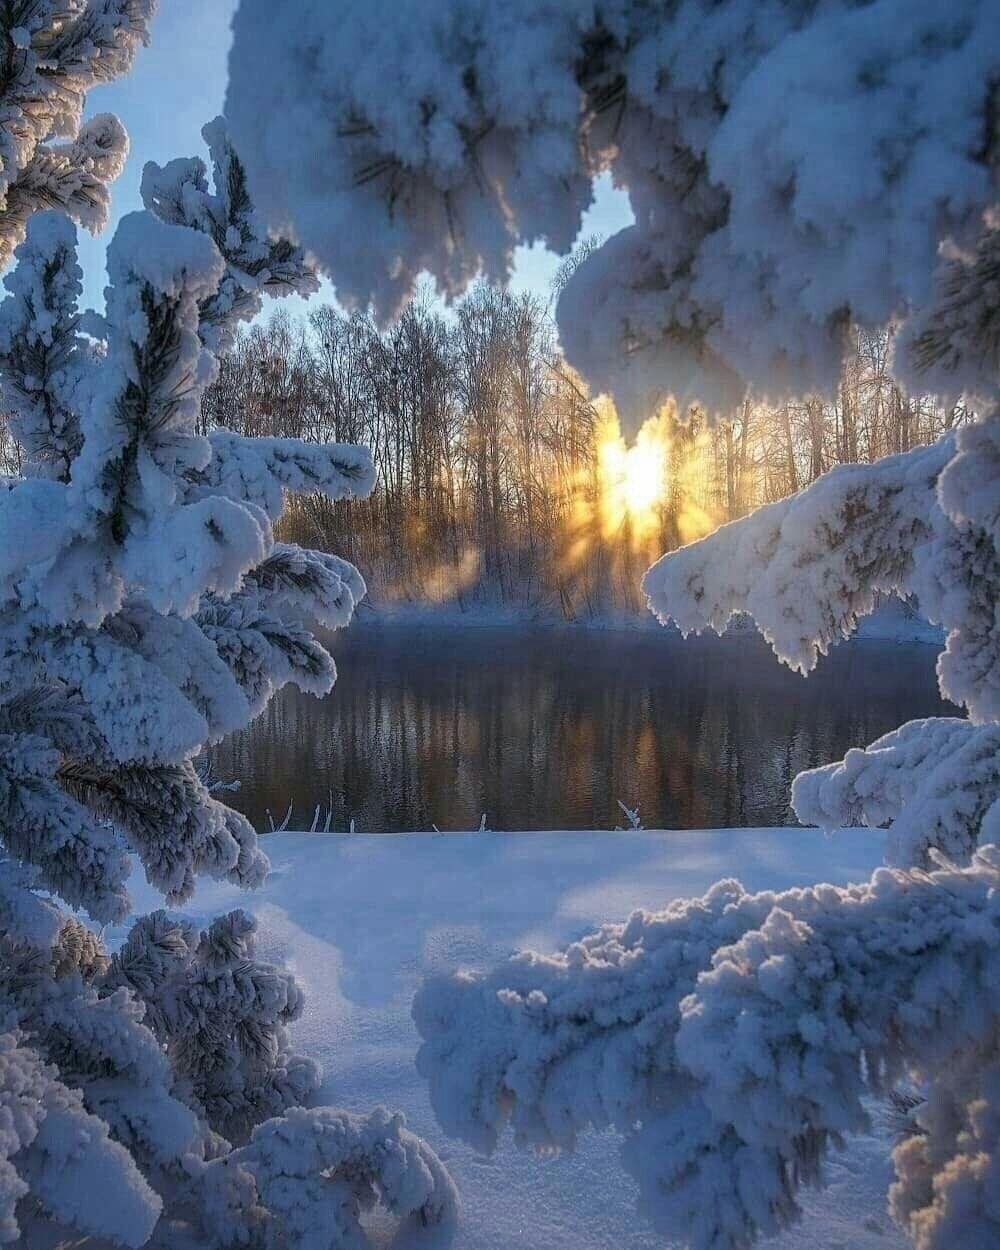 стол природа фотографии зимних пейзажей значек легионера